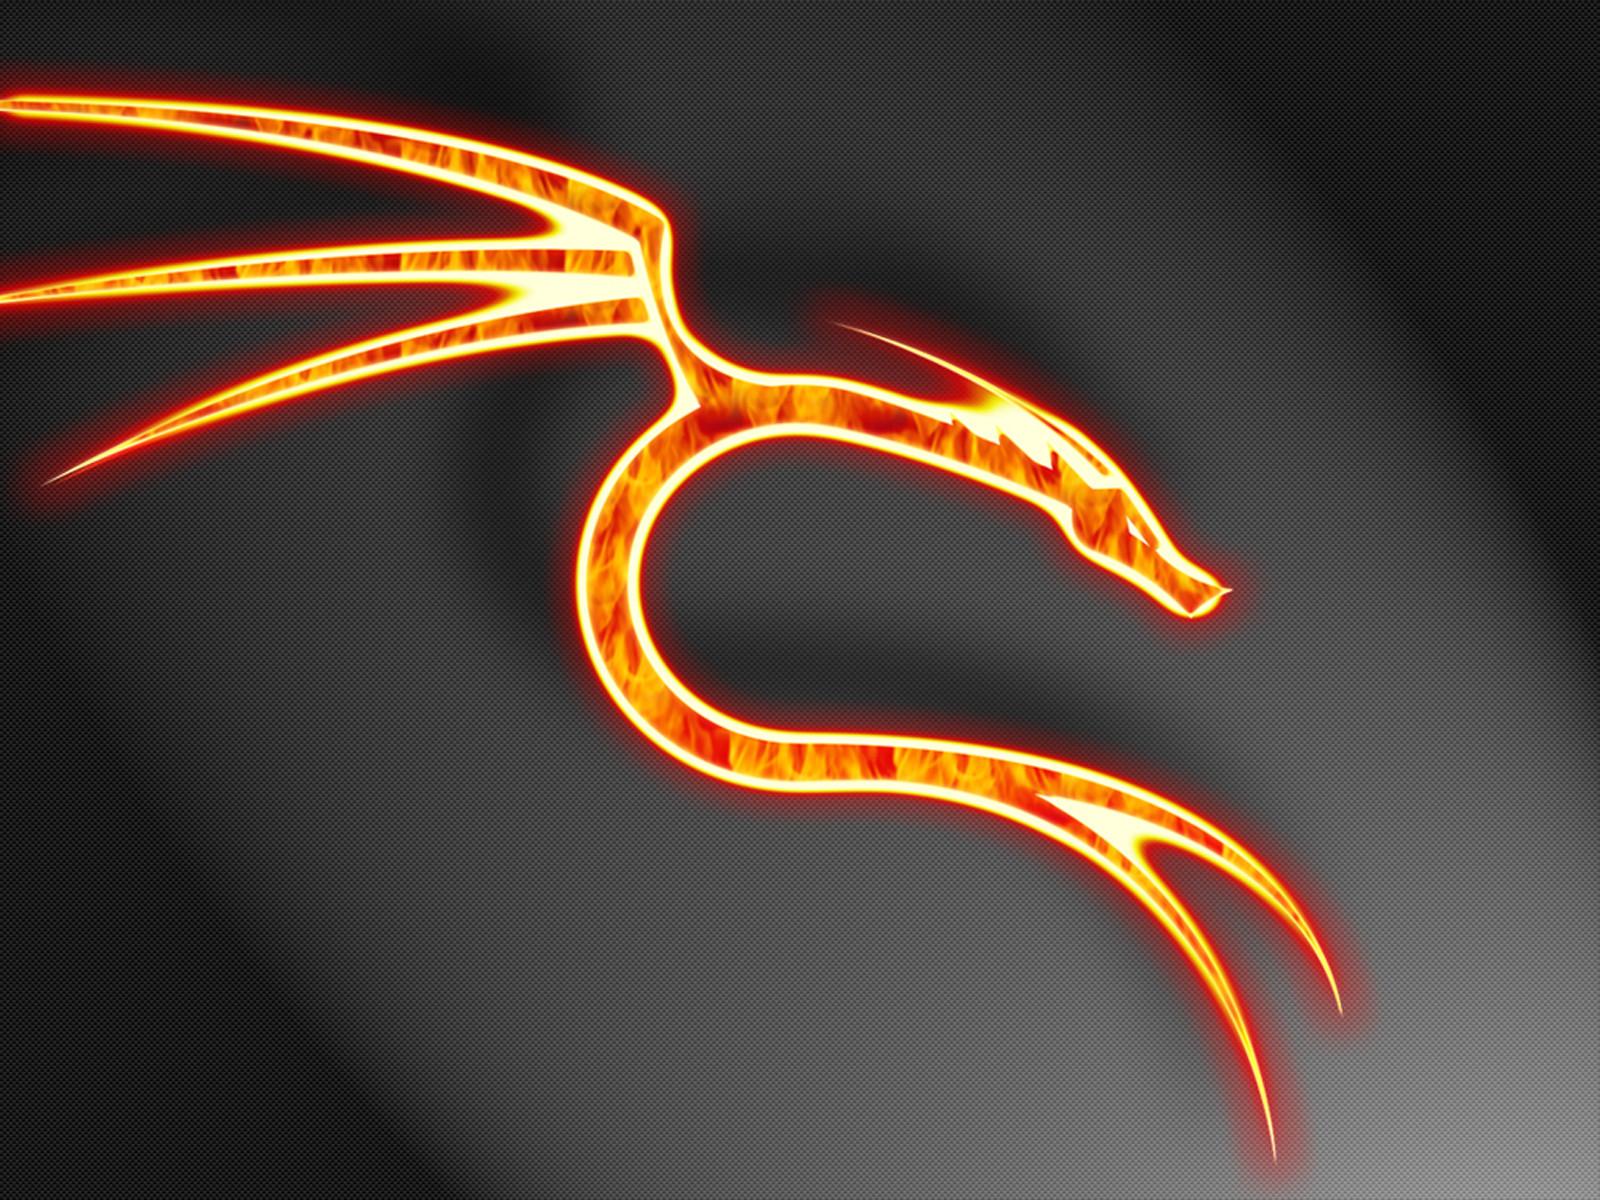 огненный дракон, обои для рабочего стола, dragon fire